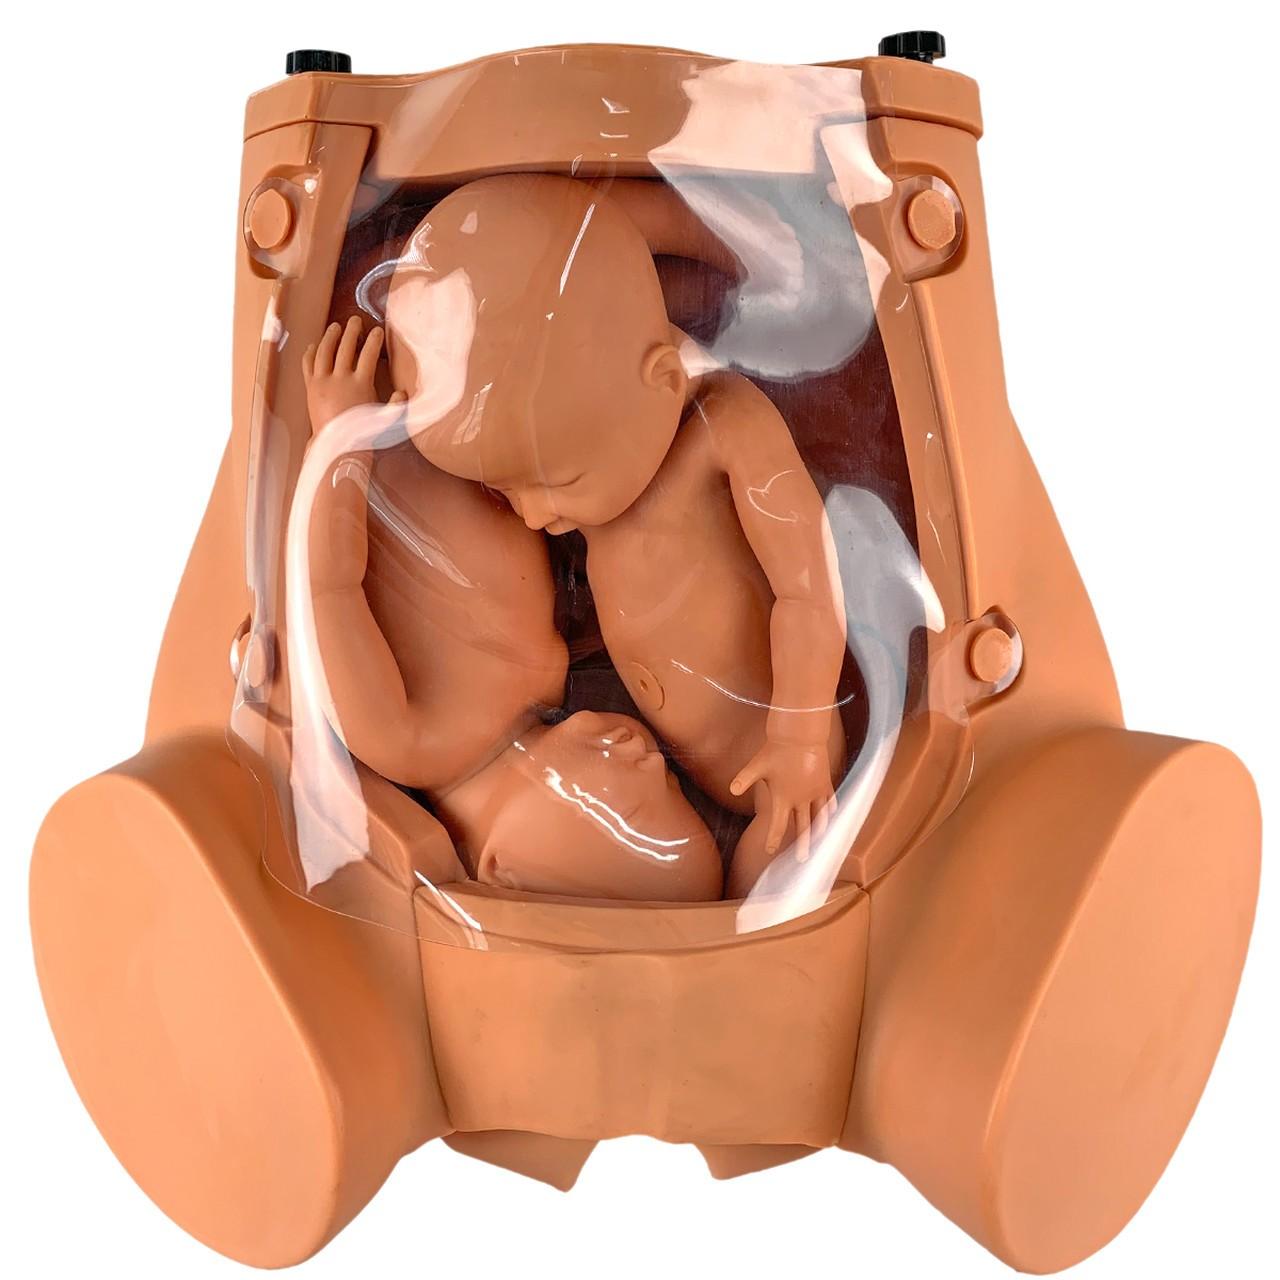 Simulador de Parto Gemelar, com Placenta